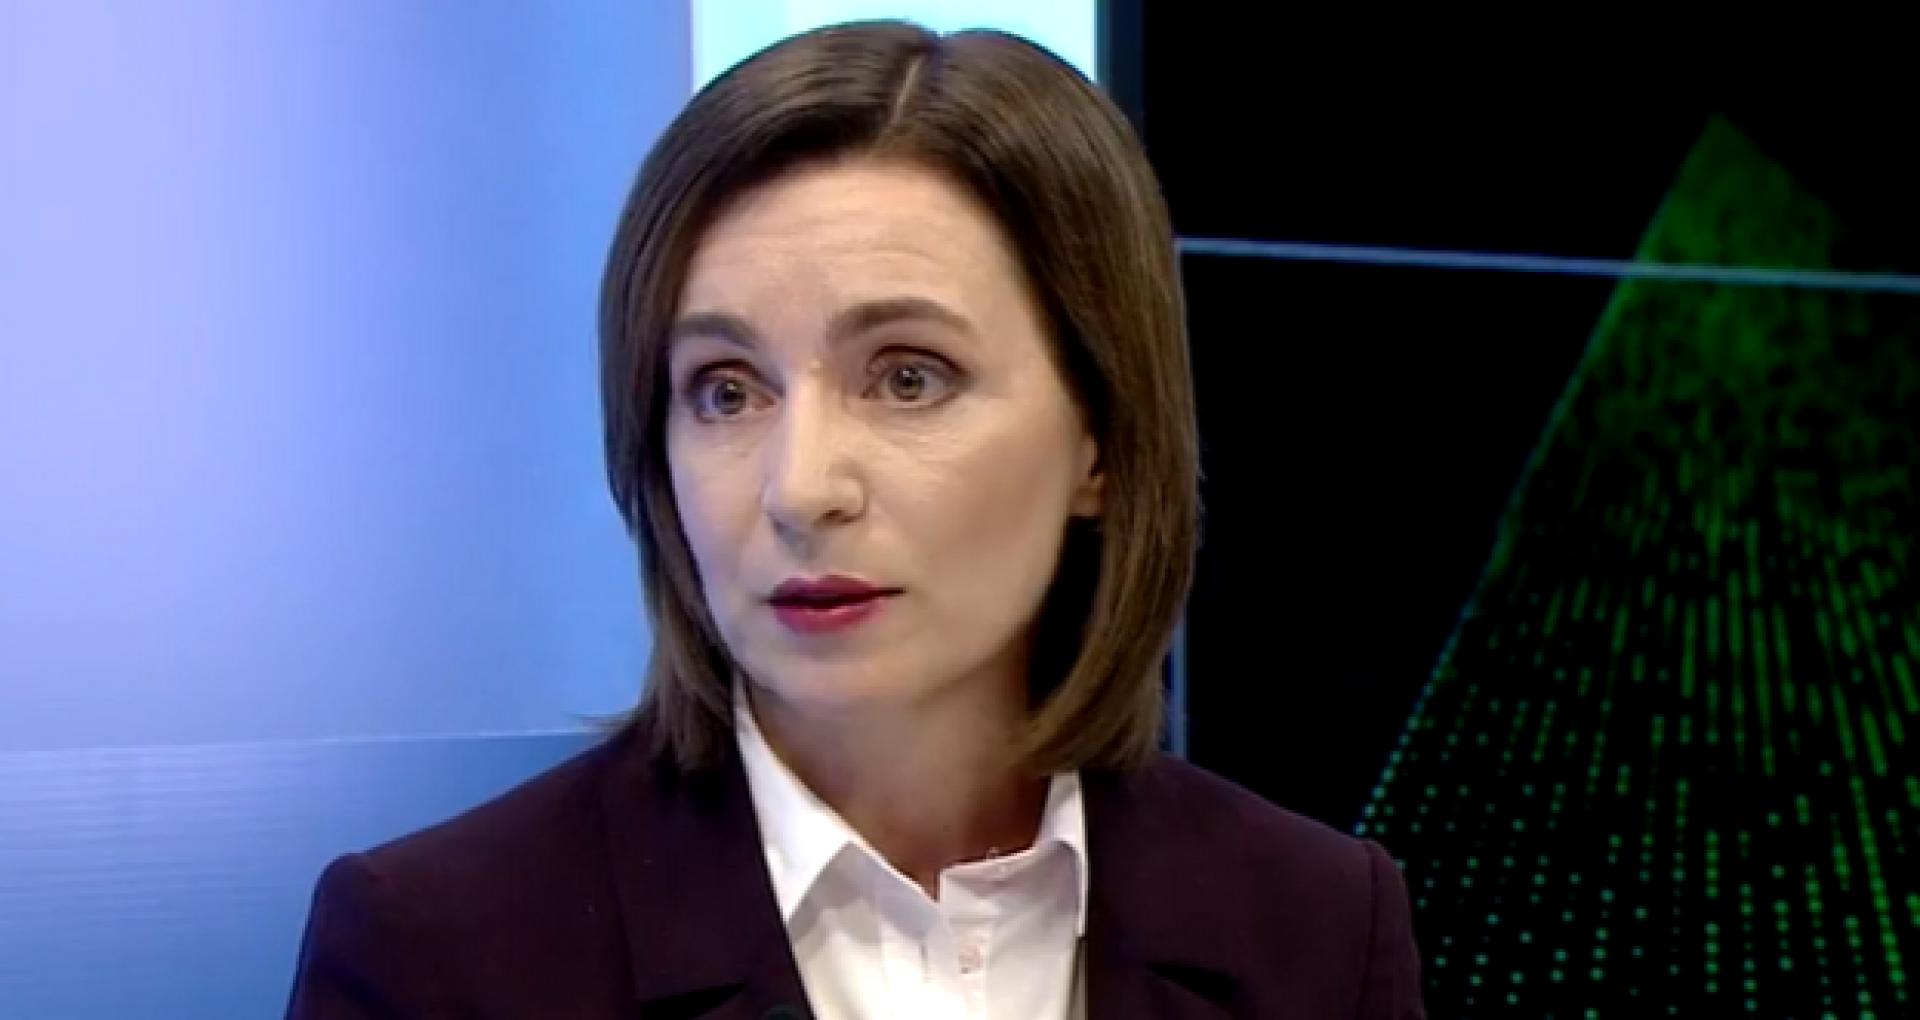 Primele declarații ale președintei R.Moldova, Maia Sandu după ce a fost declarată stare de urgență pe teritoriul țării